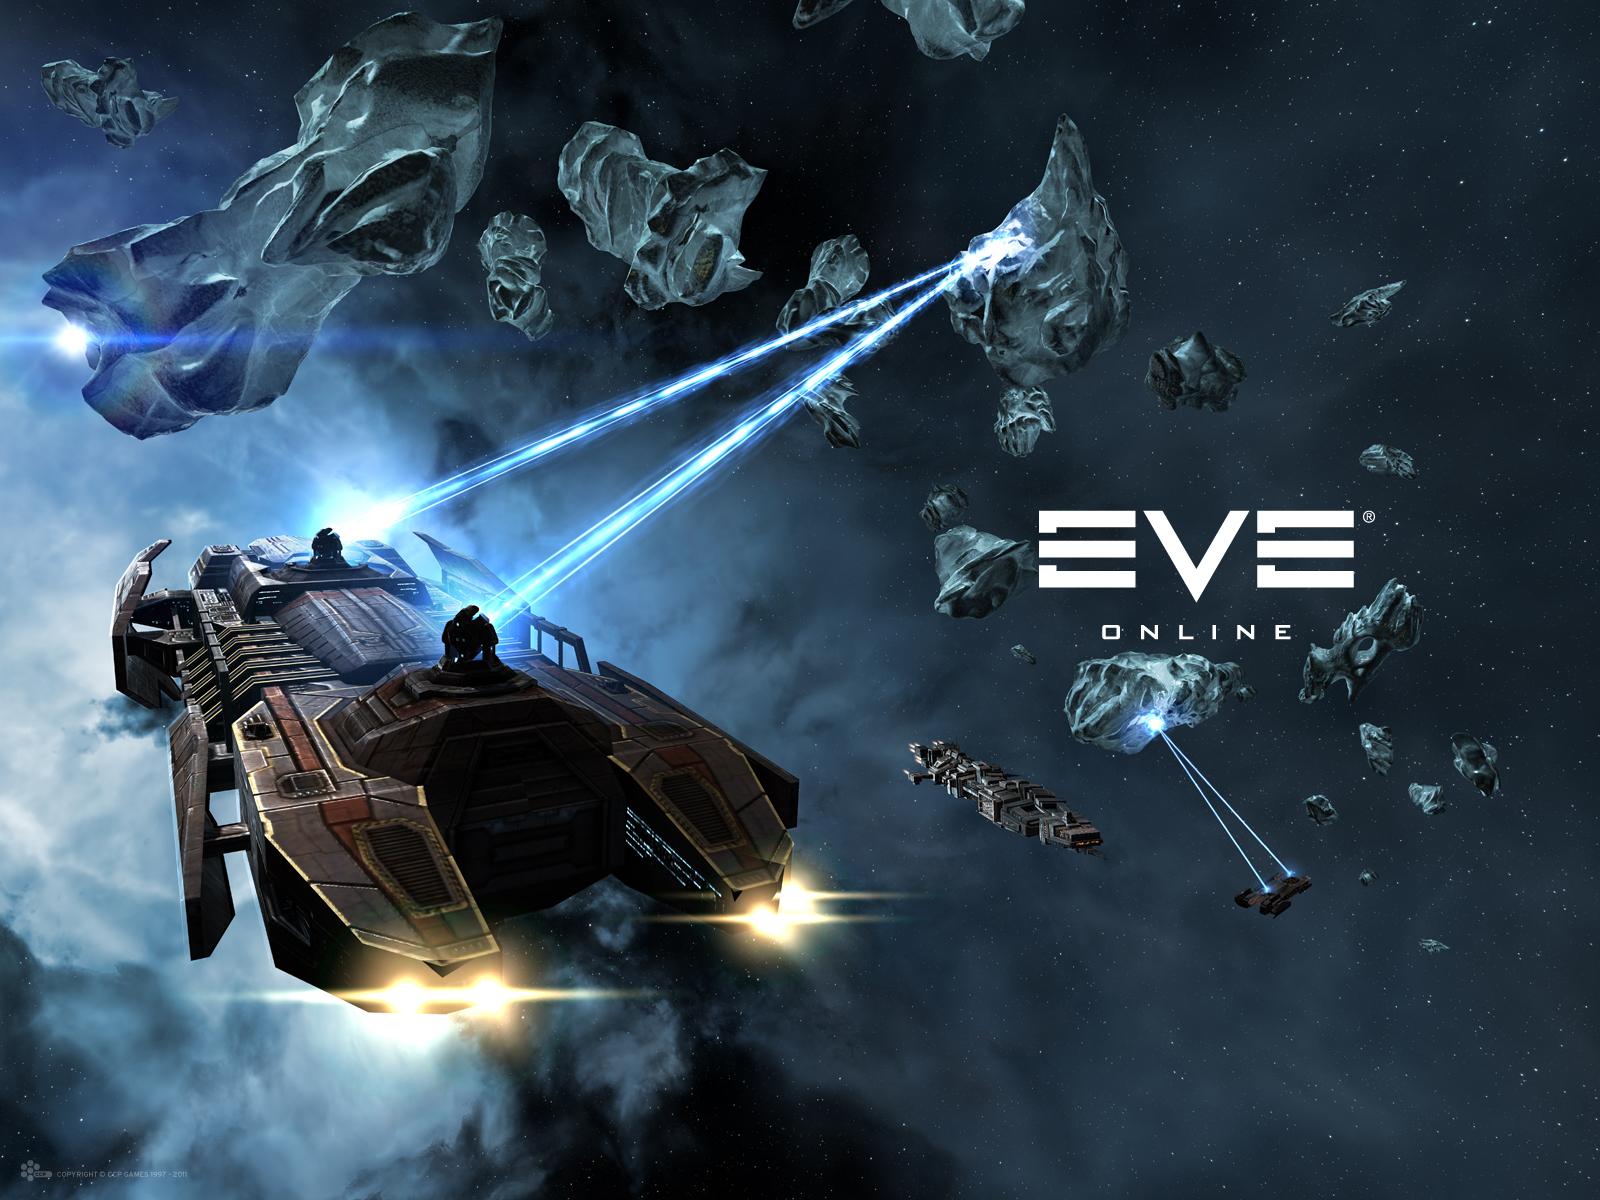 Eve онлайн обои на рабочий стол